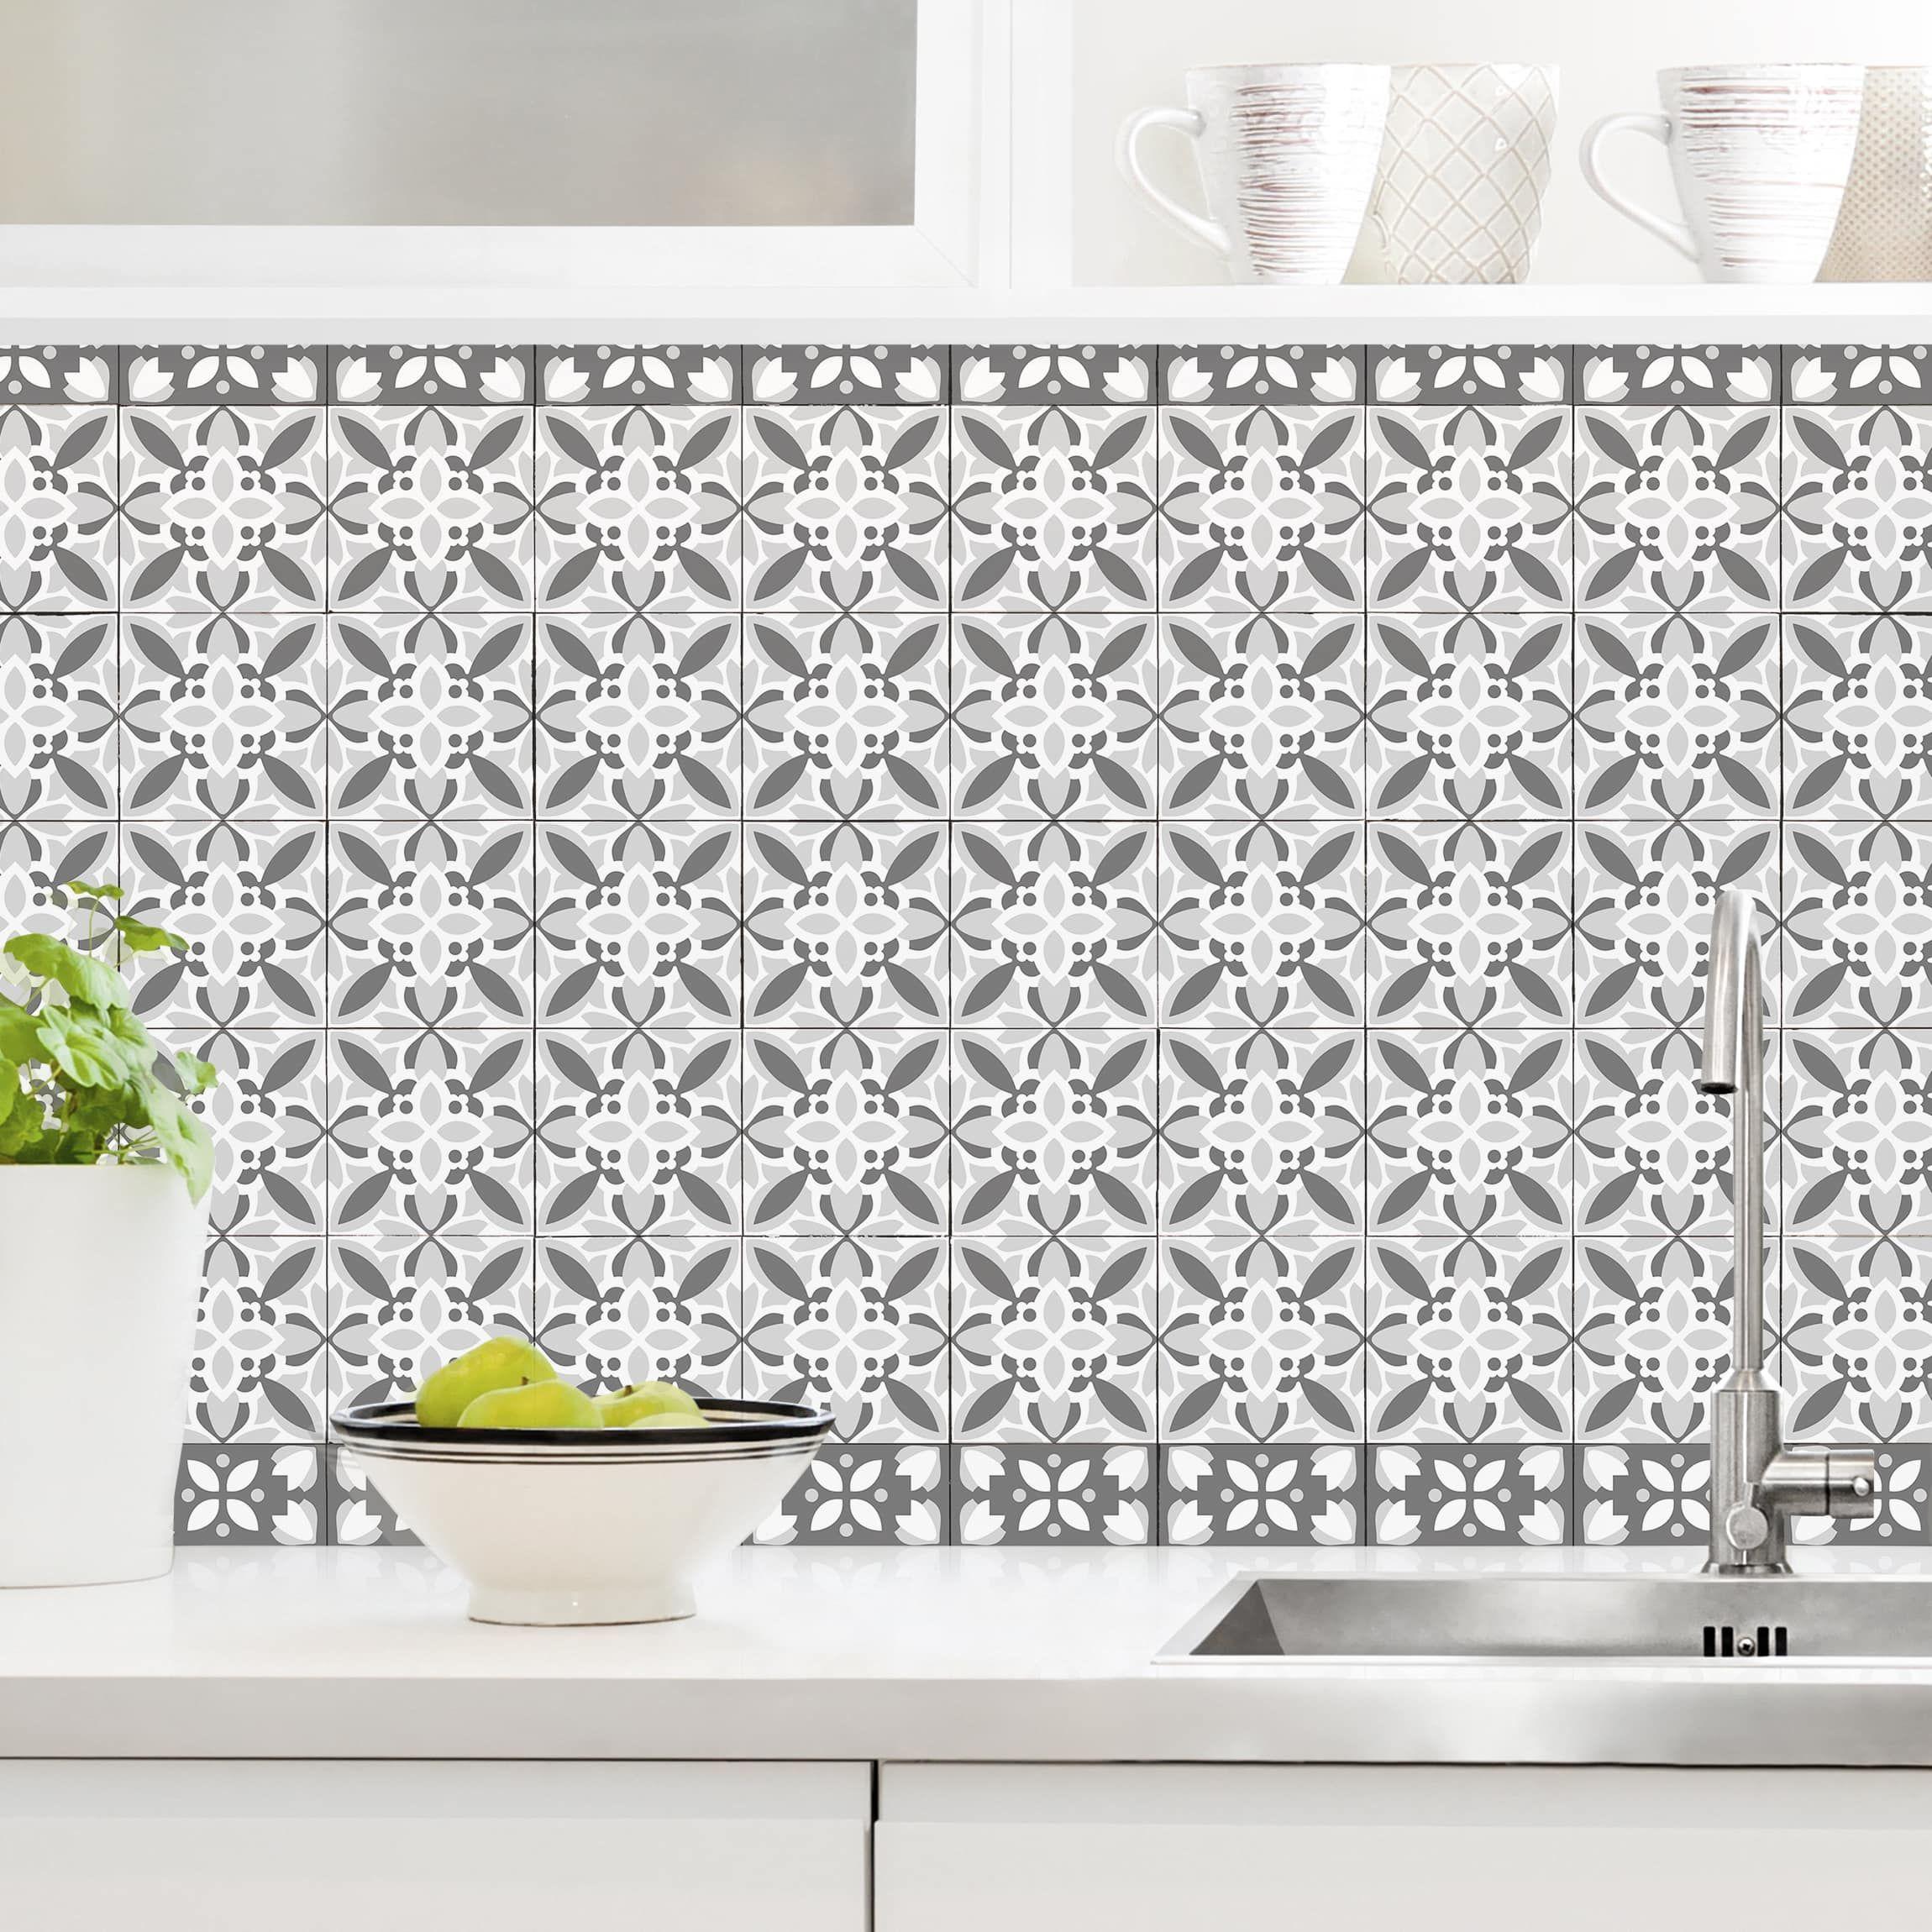 Rinnovare Le Piastrelle Della Cucina rivestimento cucina - piastrelle geometriche mix bloom